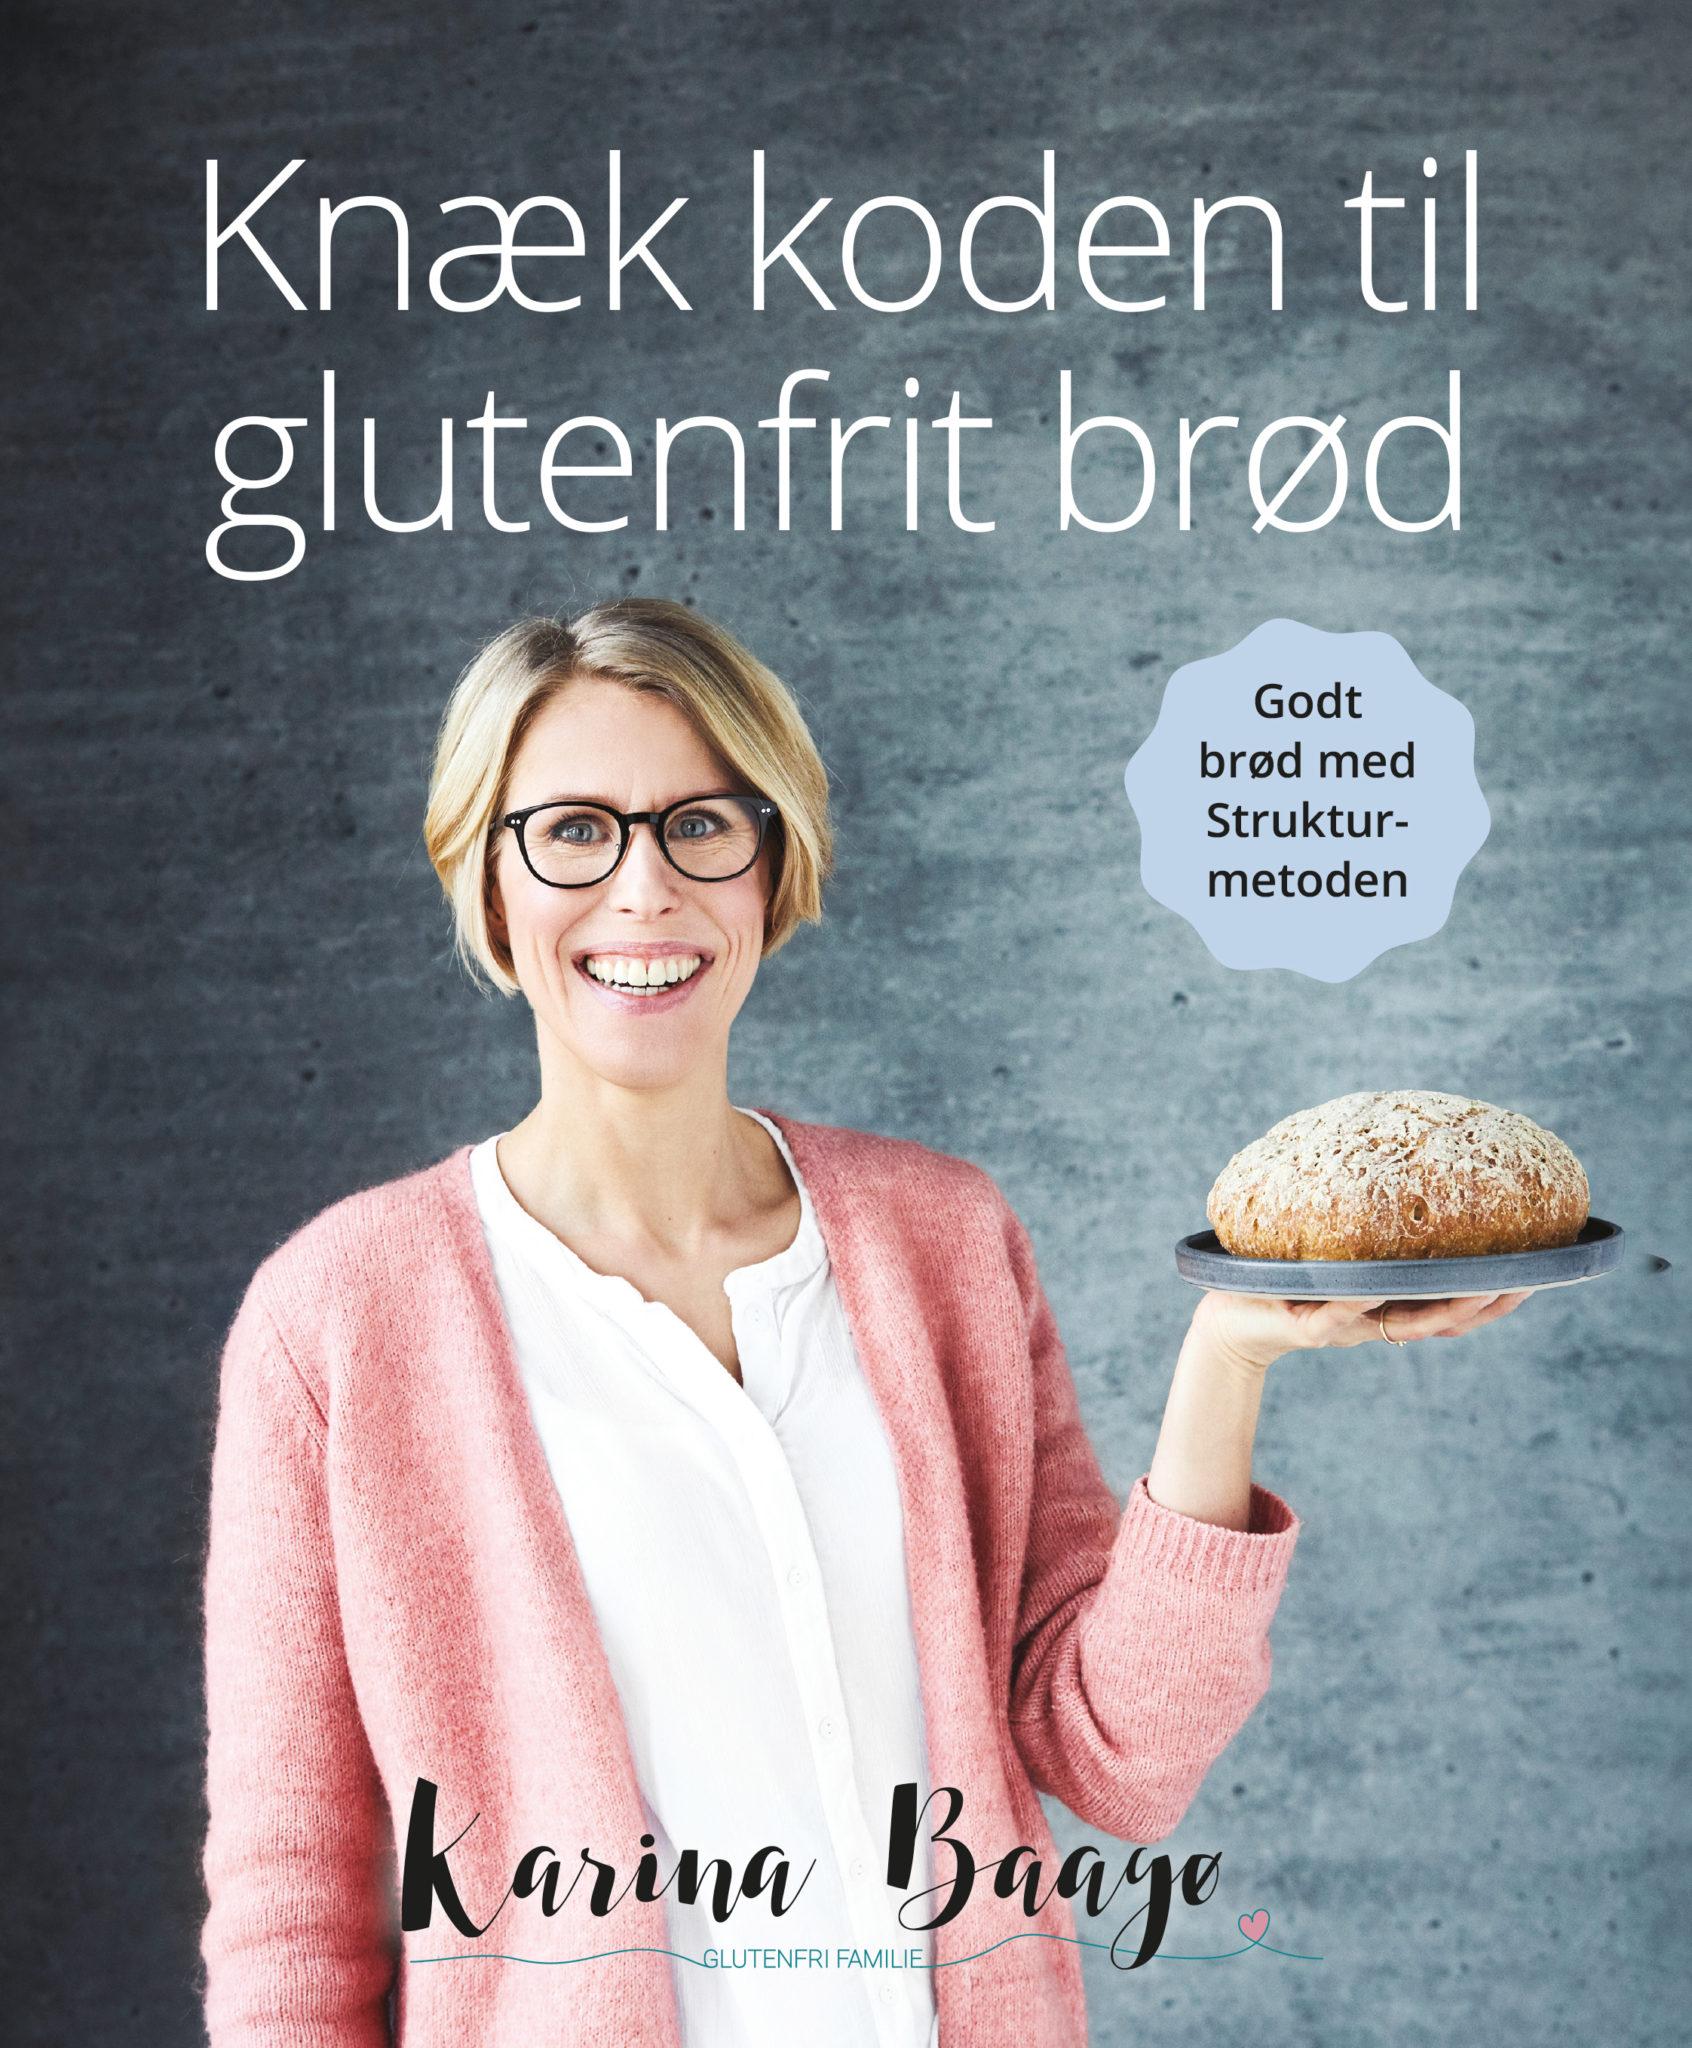 glutenfri hverdag - en god glutenfri hverdag med Karina Baagø